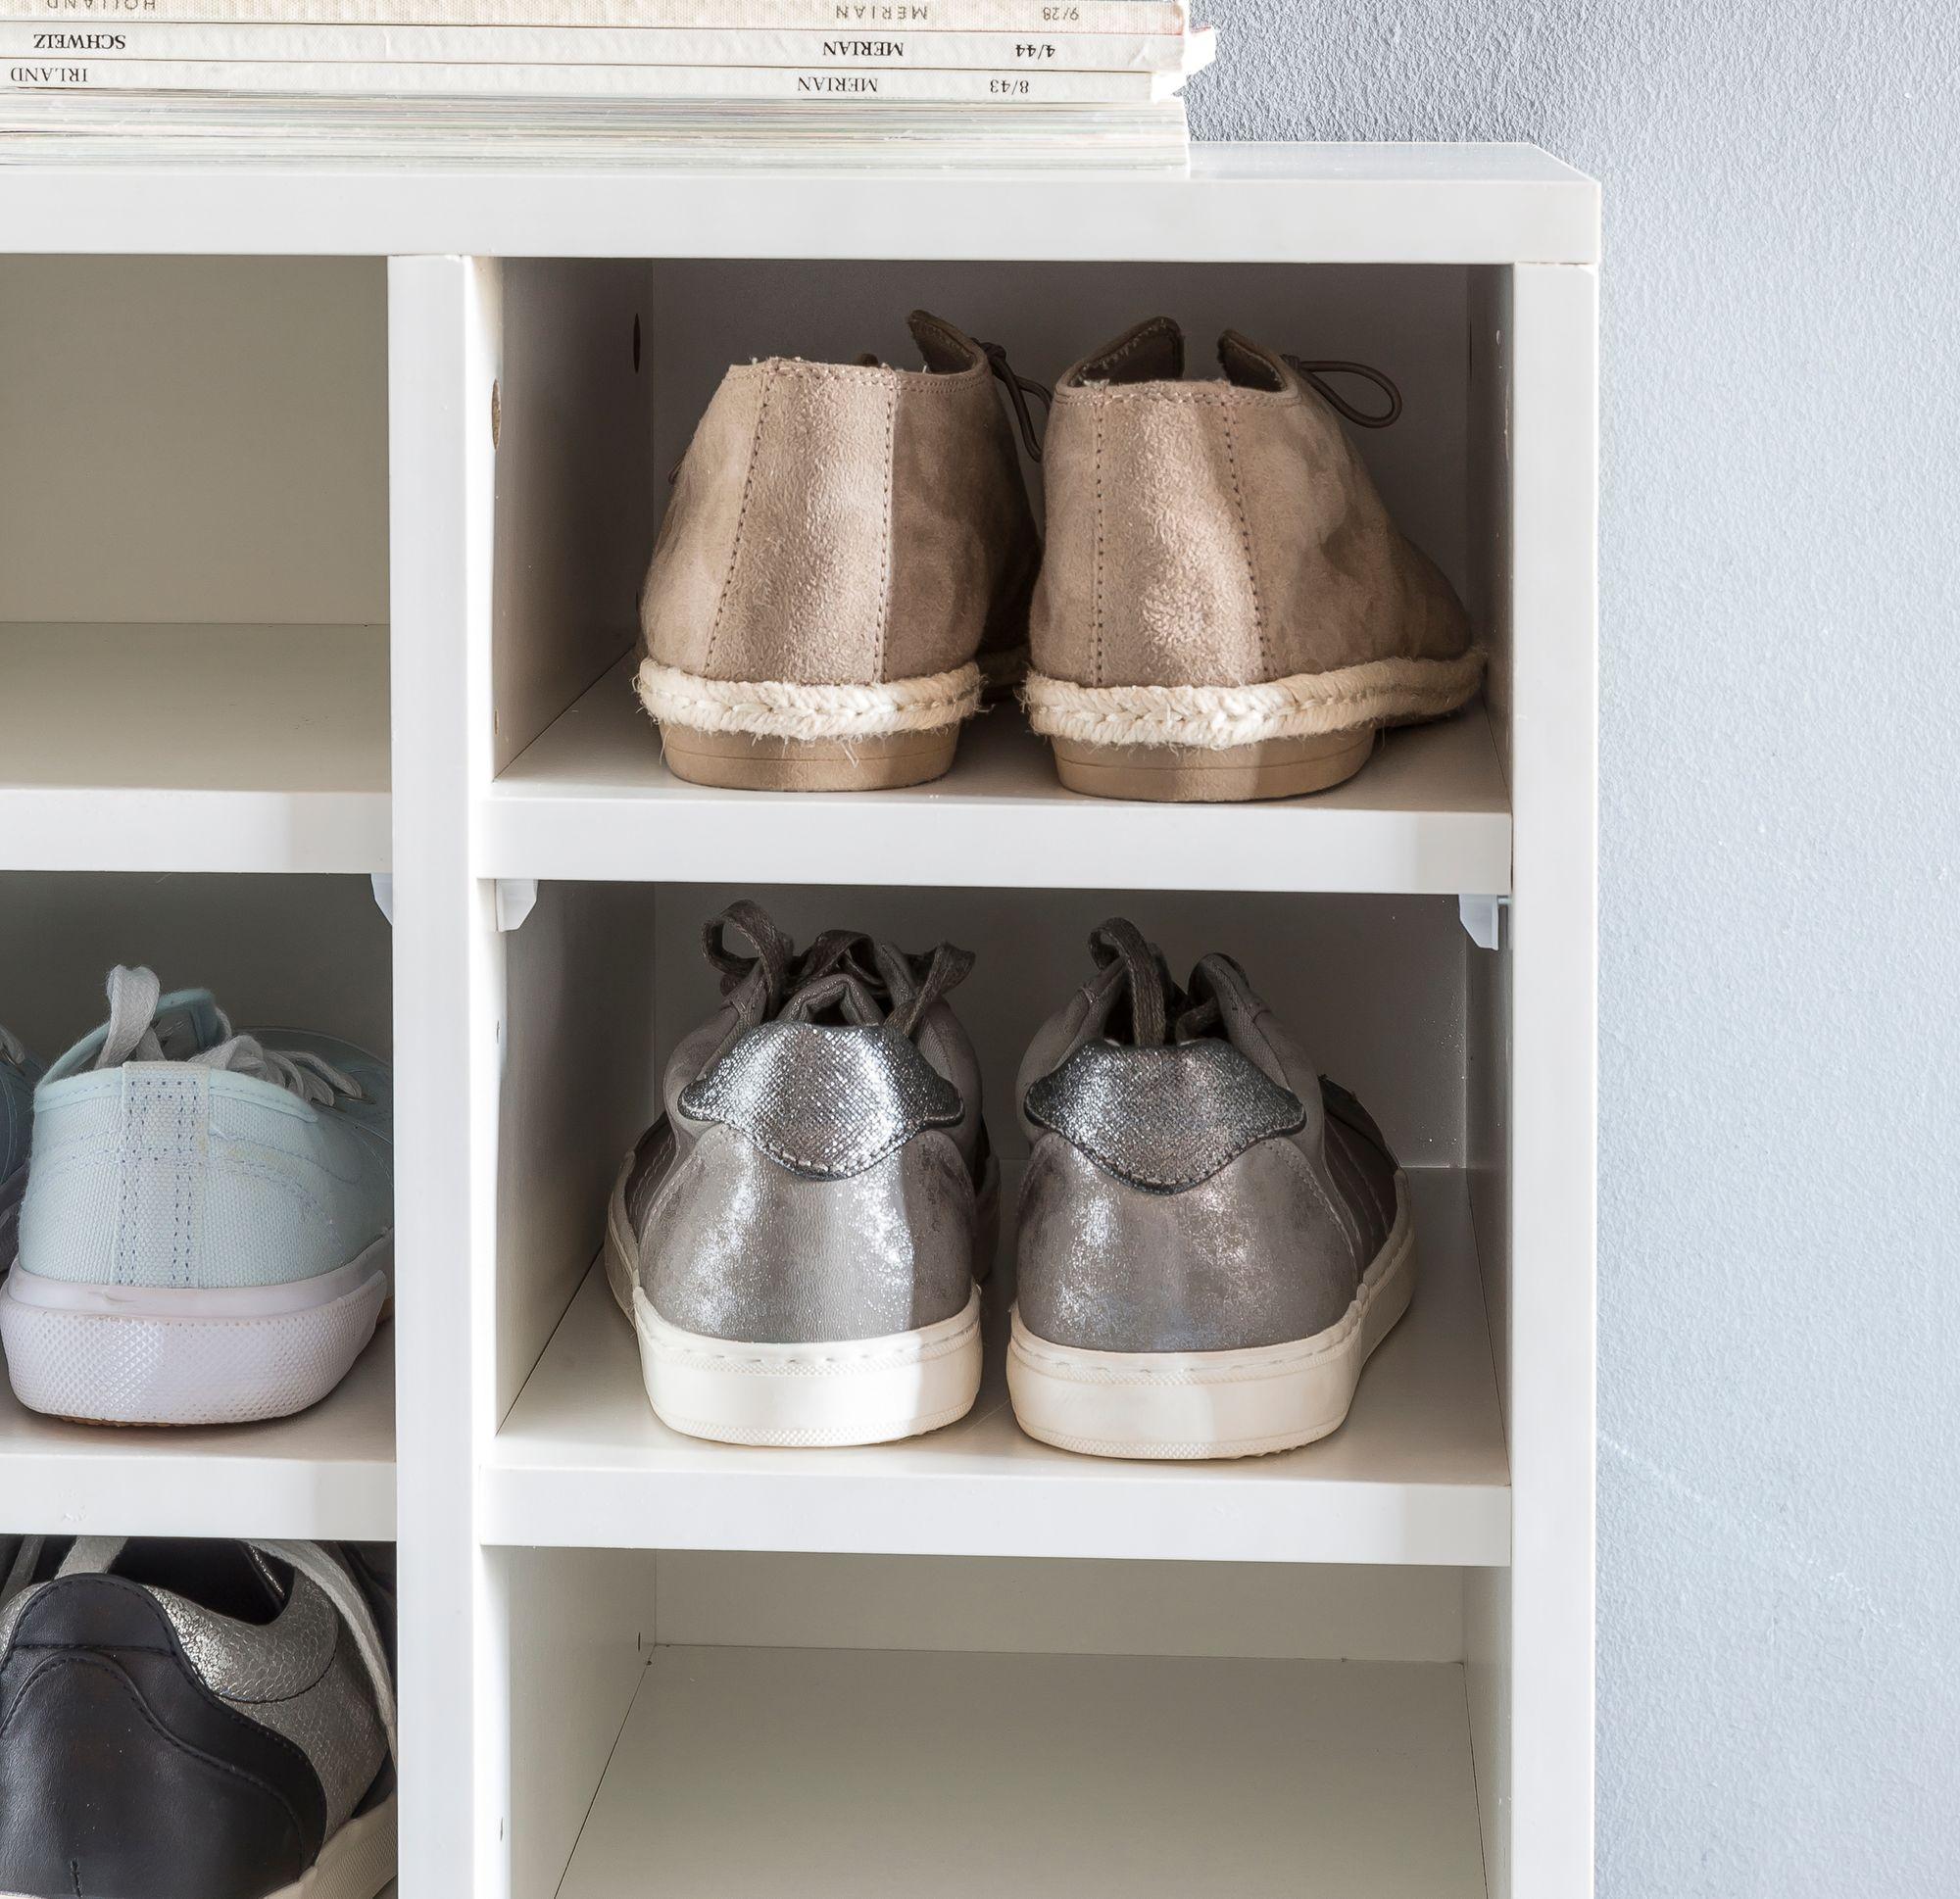 schuhablage holz affordable schuhablage holz with schuhablage holz gallery of dielenbank in. Black Bedroom Furniture Sets. Home Design Ideas